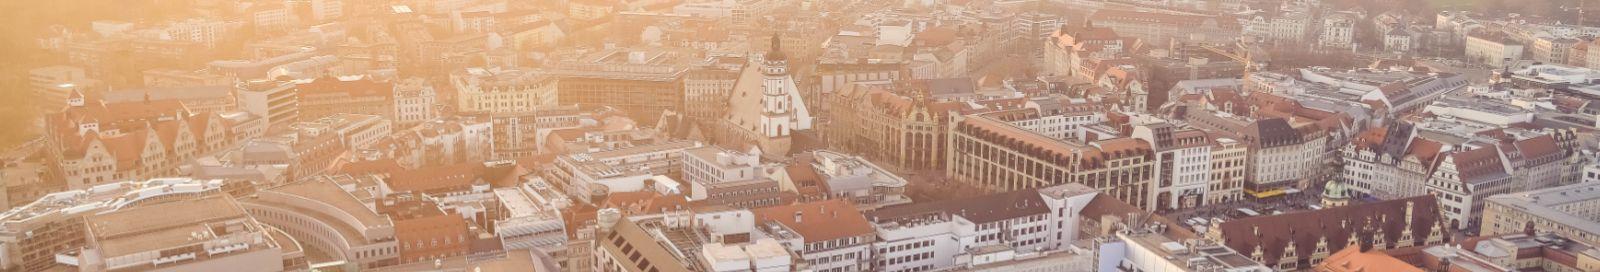 Software Arbeitgeber in Leipzig Zentrum